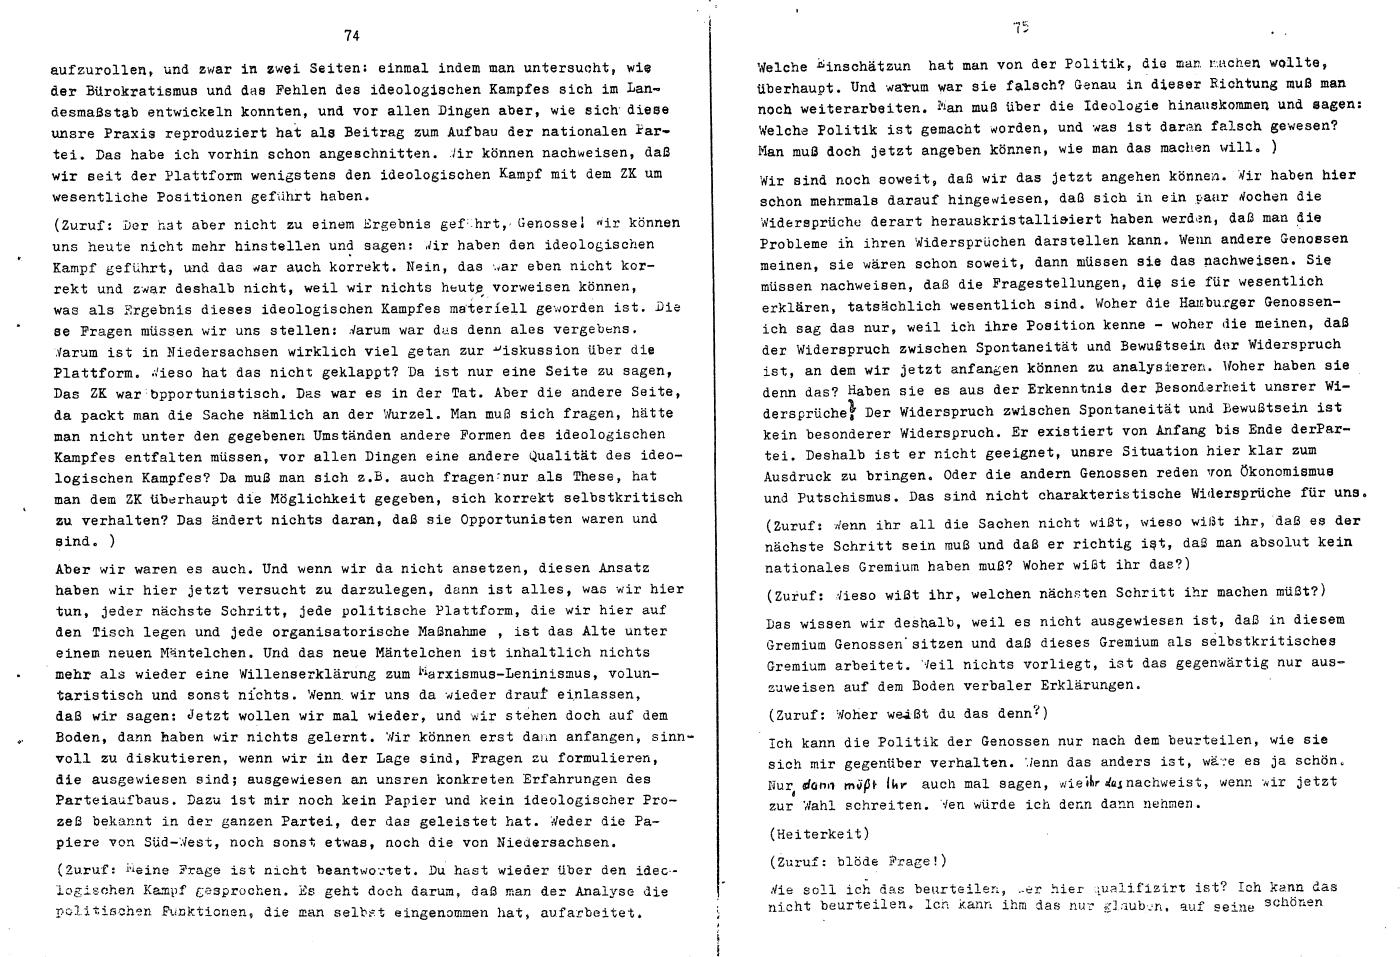 KPDML_1971_Wortprotokolle_aoPt_026